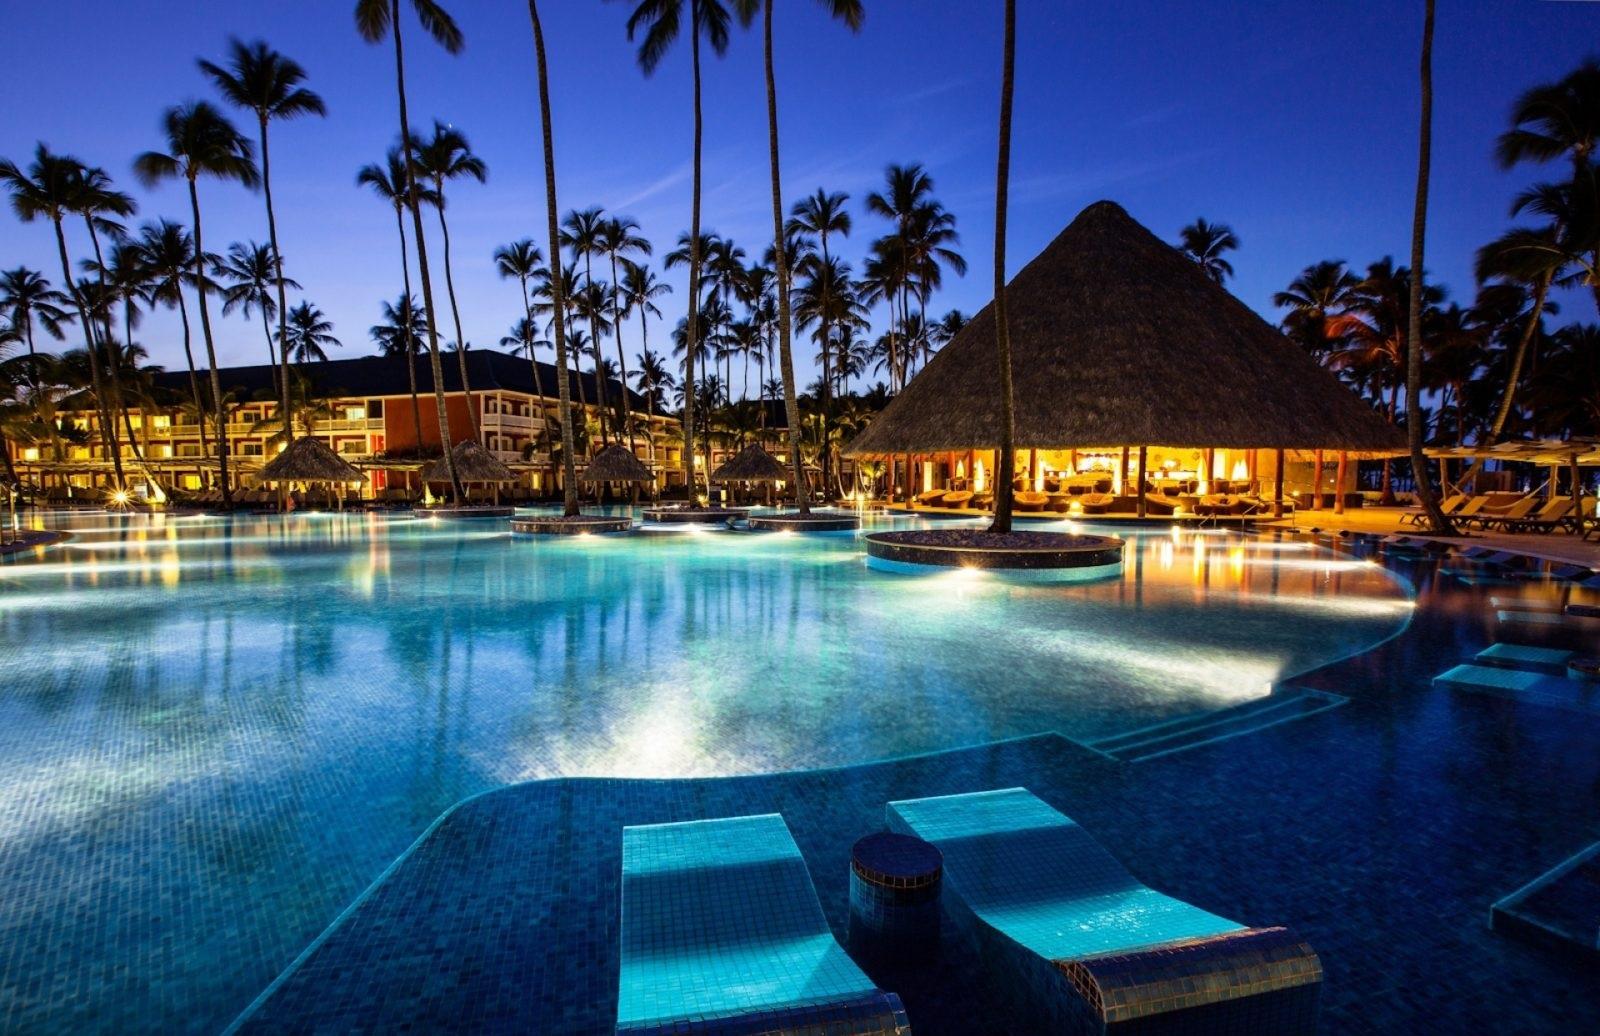 Фото отеля в Доминикане